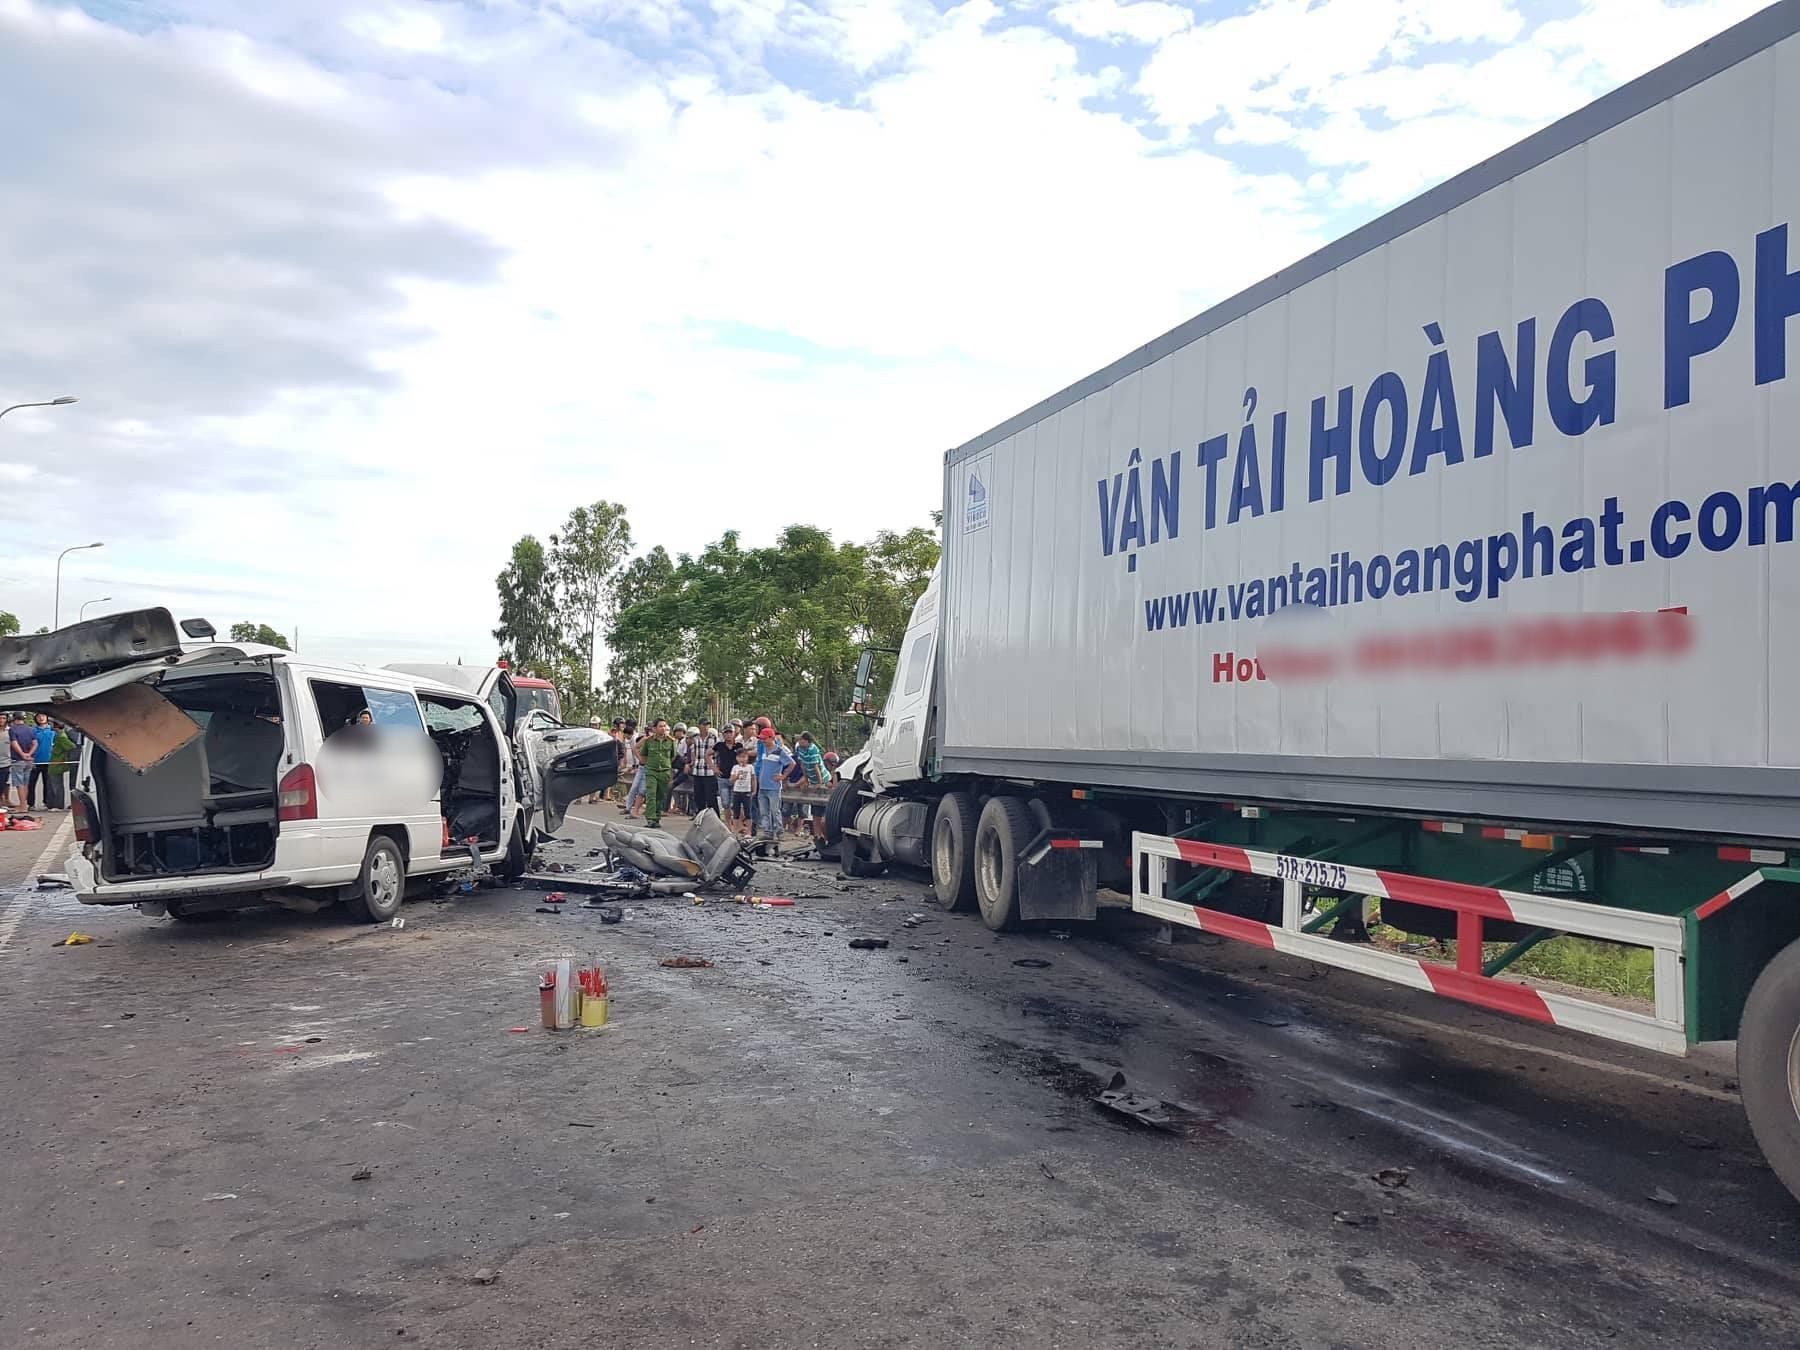 Hiện trường vụ xe rước dâu gặp tai nạn thảm khốc khiến chú rể và 12 người tử vong